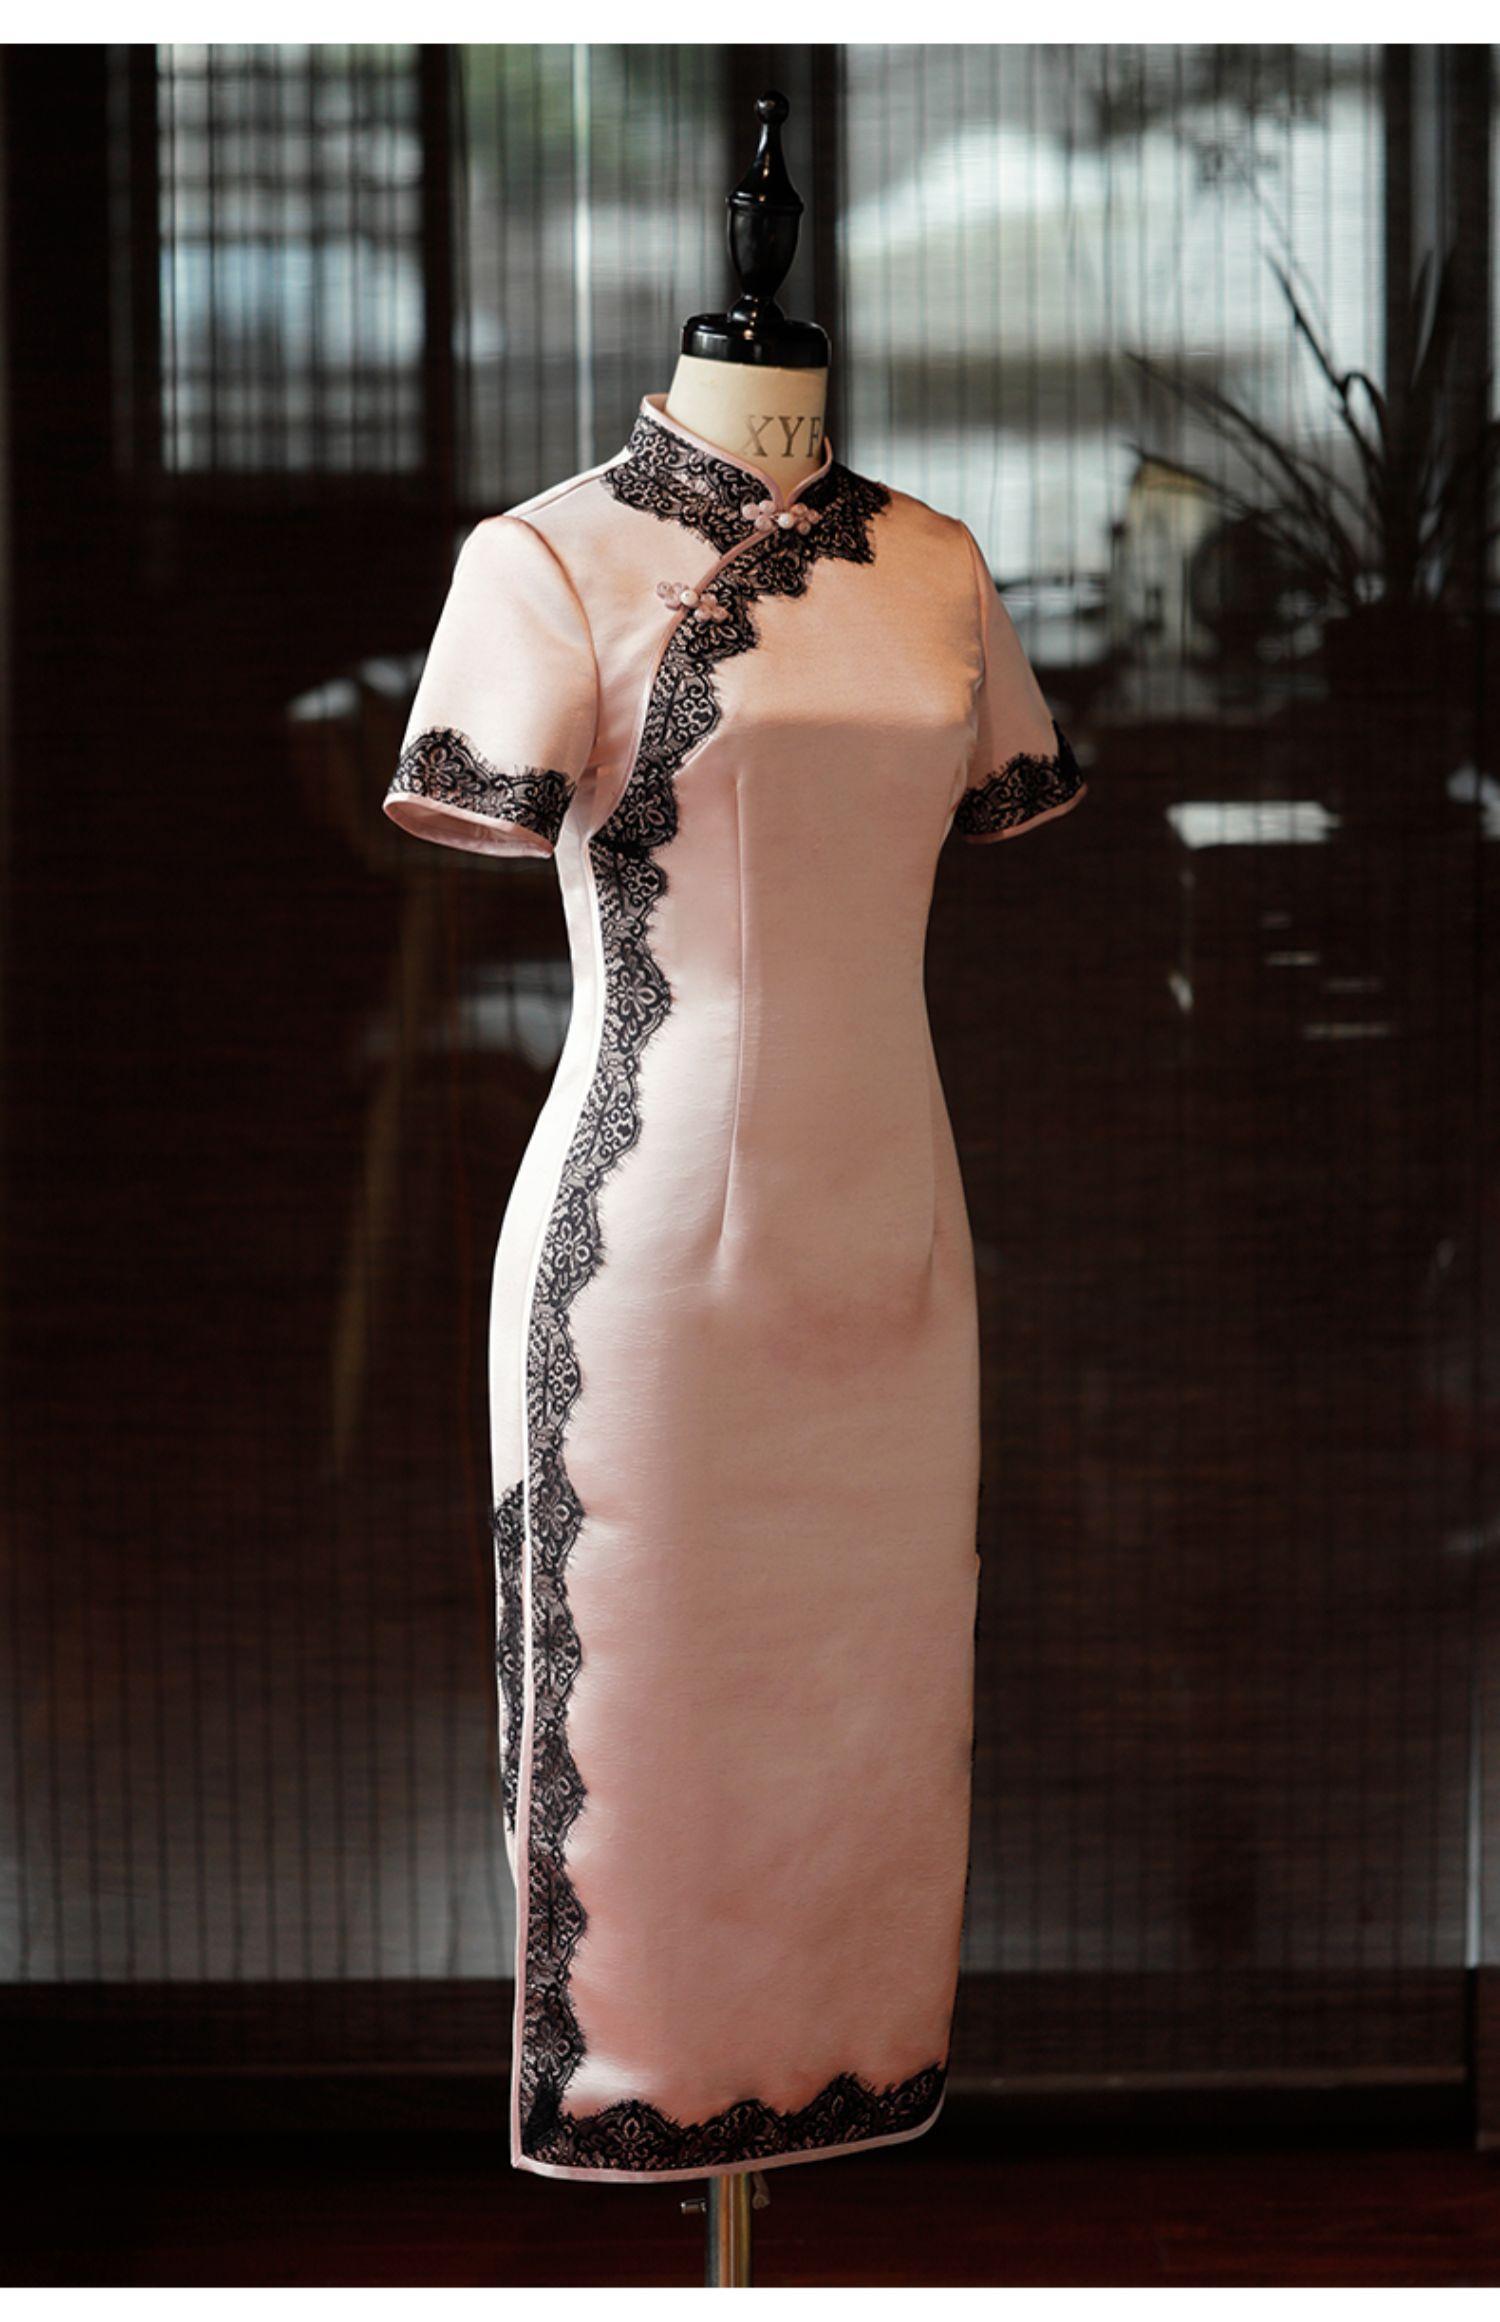 restaurando antigas maneiras de melhorar o vestido